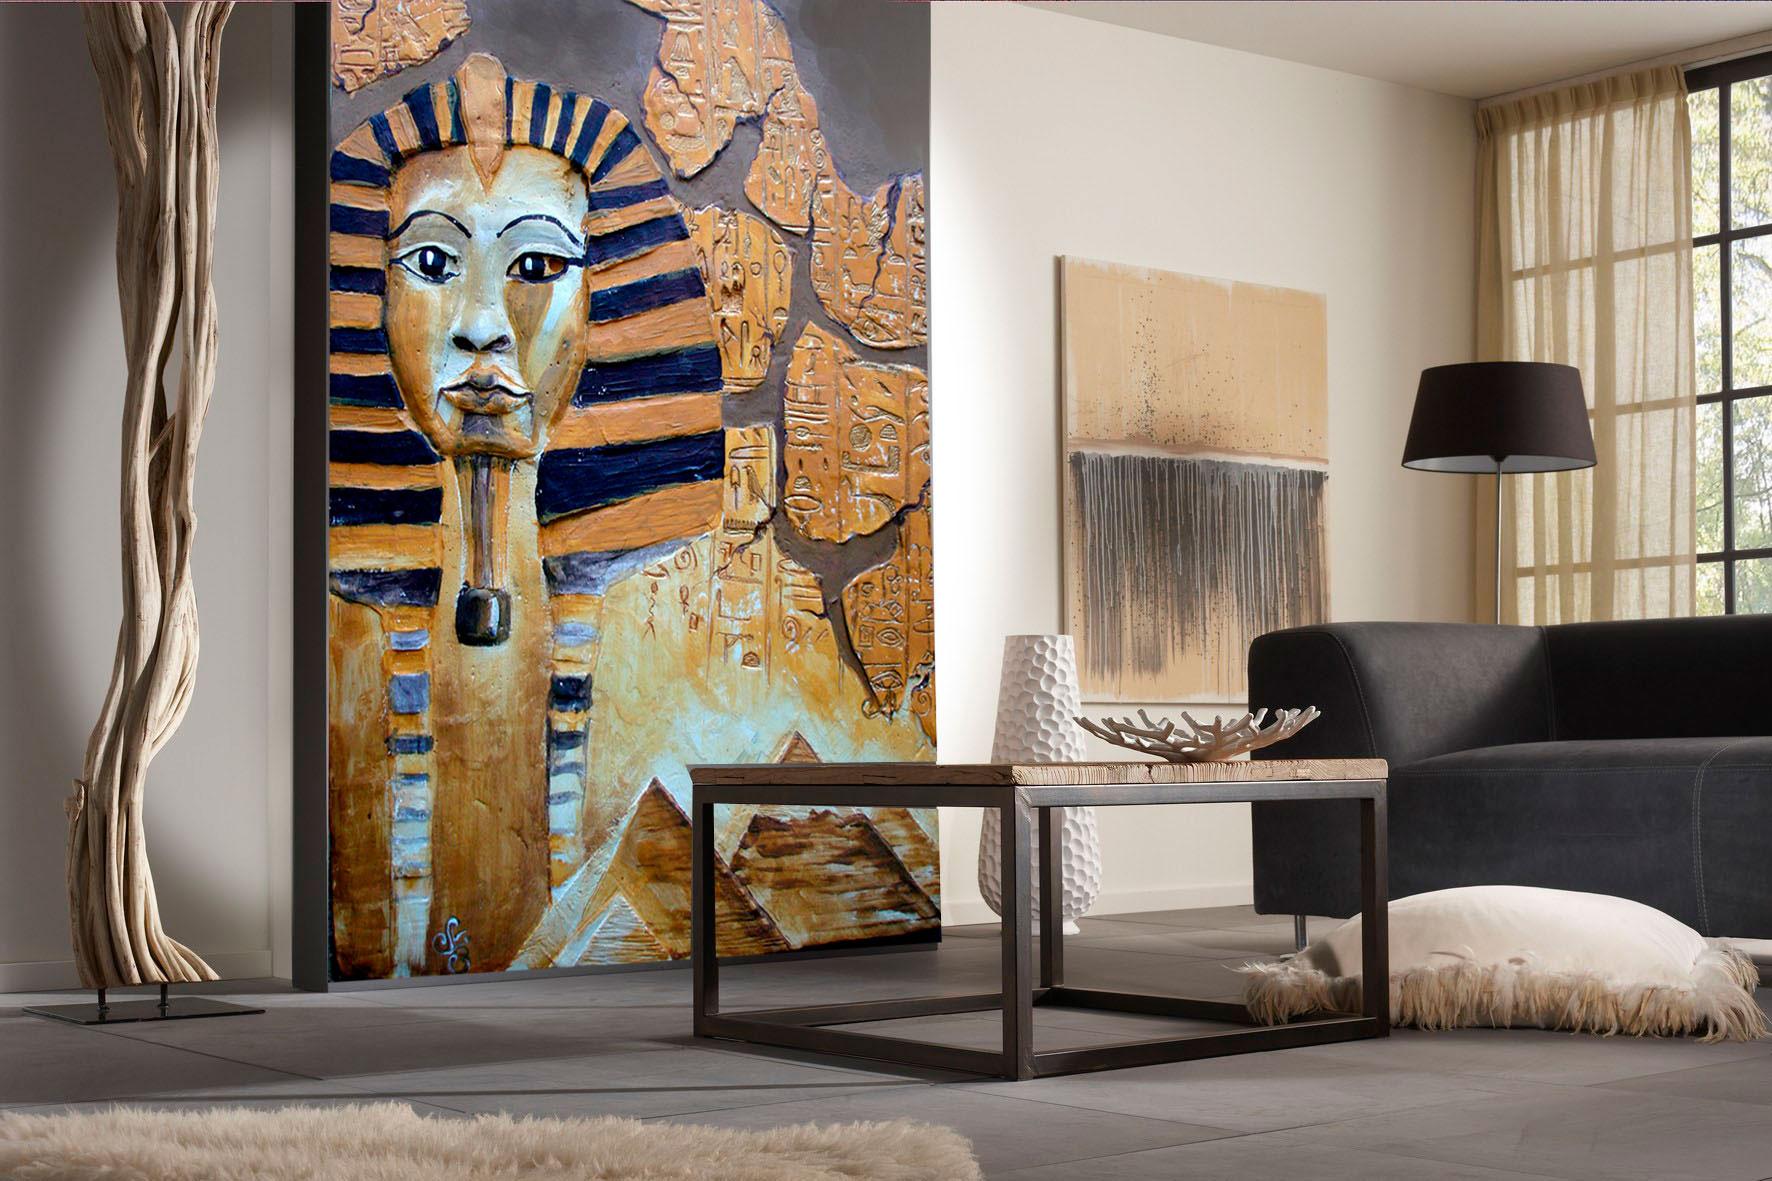 Художественный рельеф на стене - Фараон.